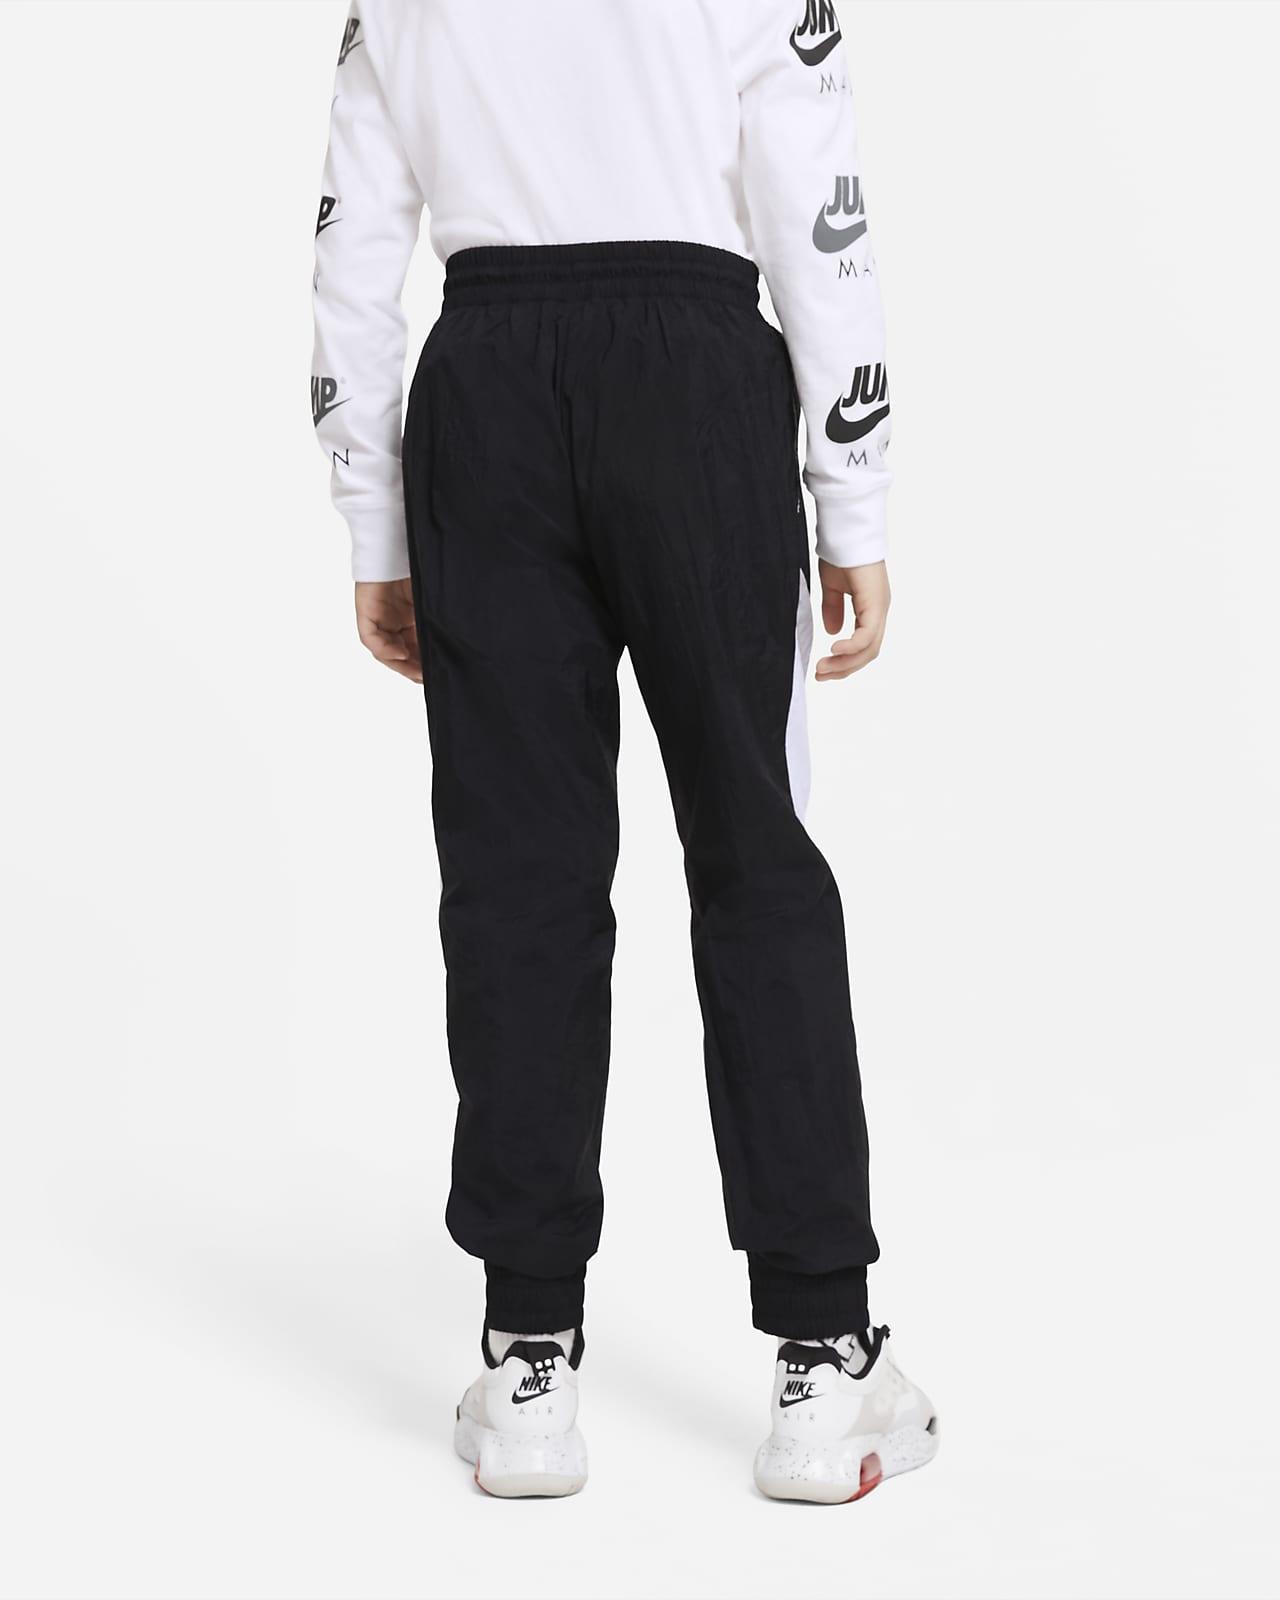 Pantalones Para Nino Talla Grande Jordan Nike Com